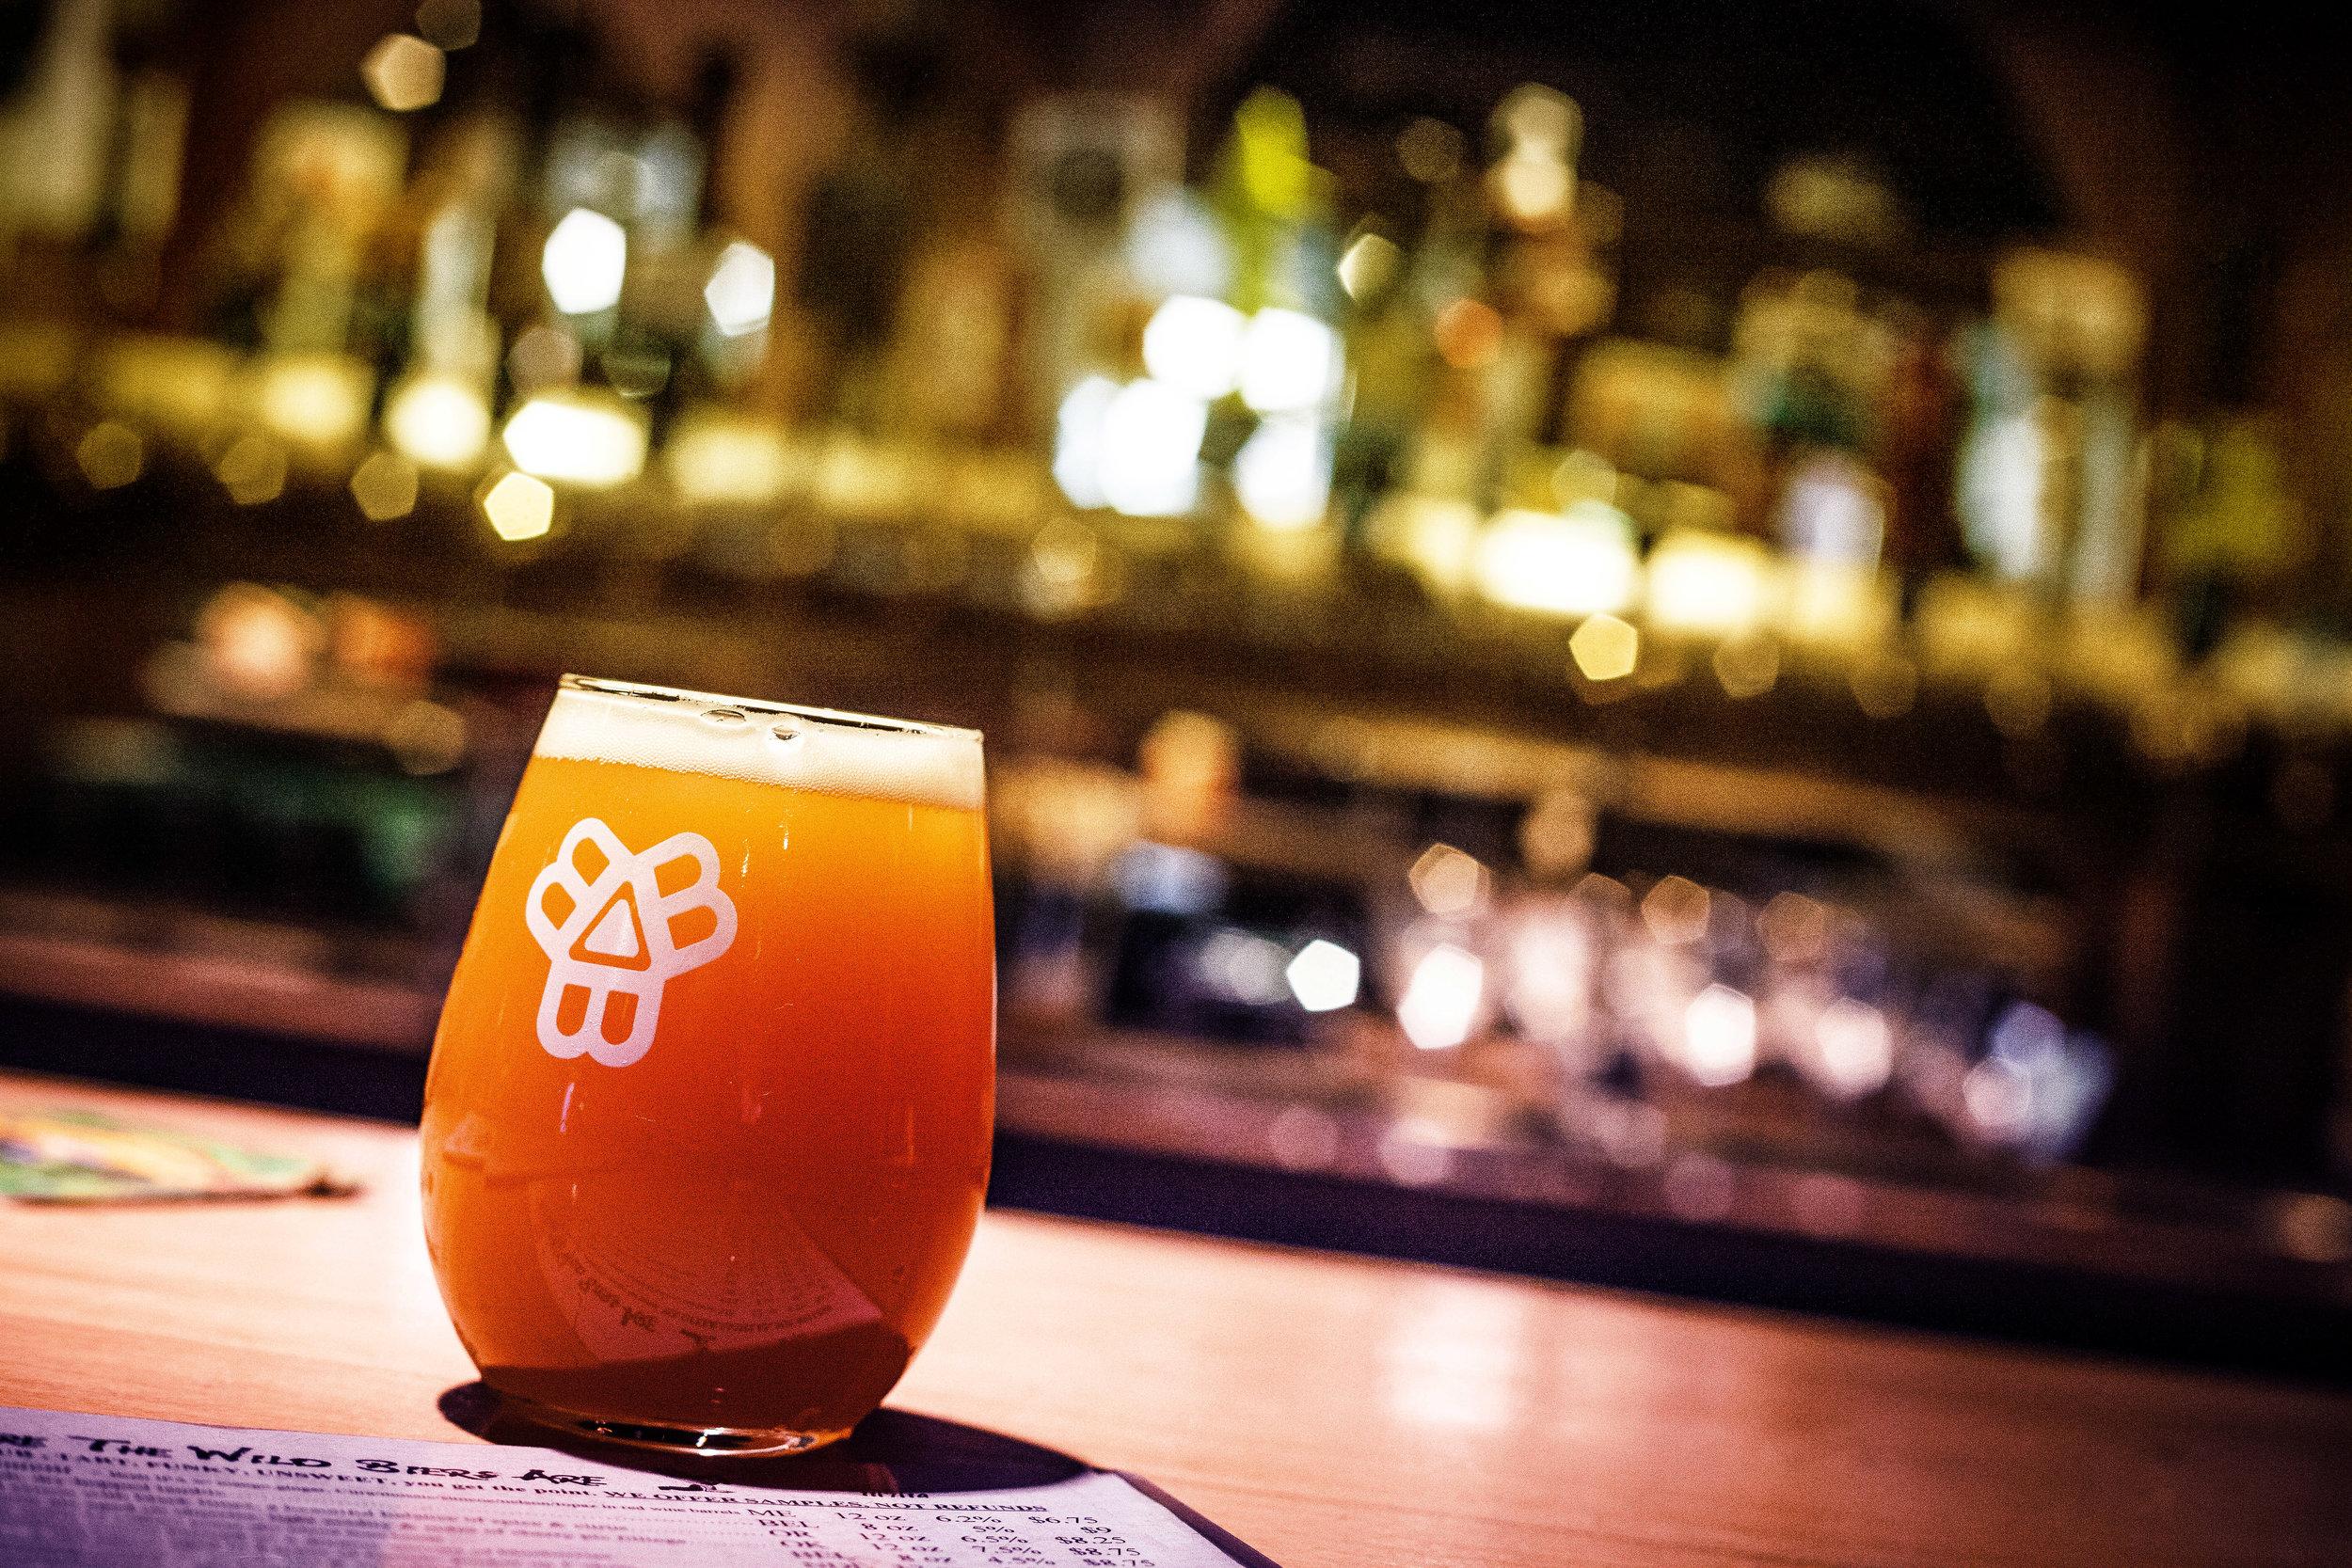 Get the beer  joSH@SLEEKMACHINEDISTRO.COM  sales@bissellbrothers.com